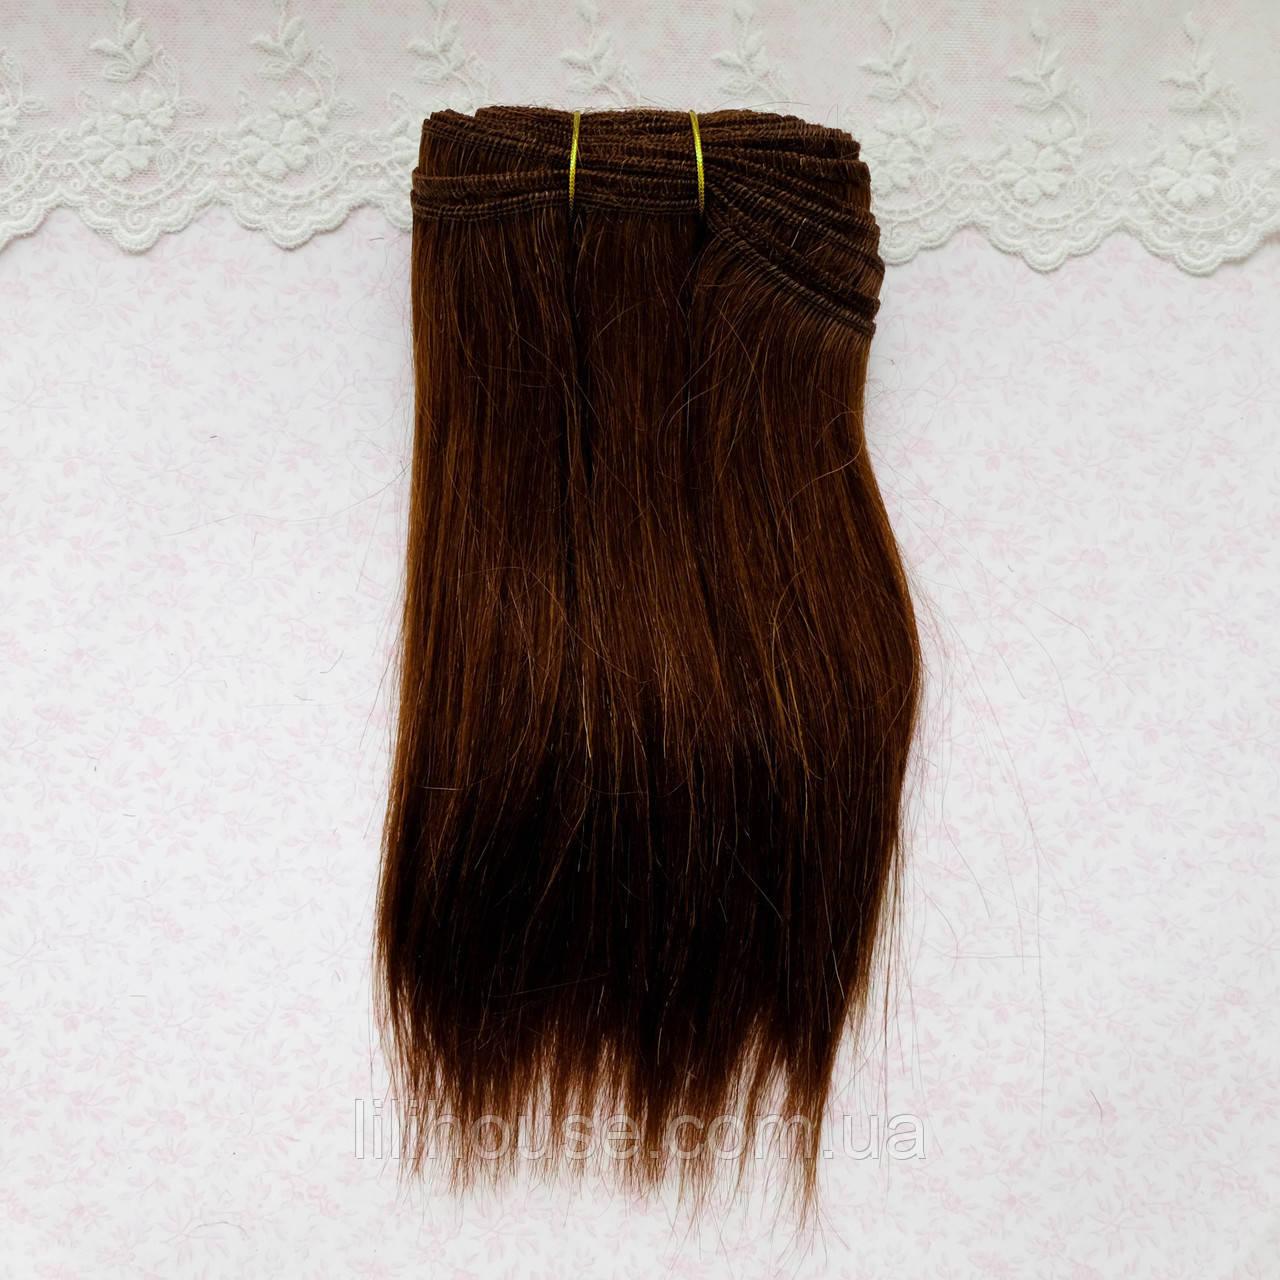 Коза натуральная остевая, трессы для кукольных волос, длина 16-18 см - светлый шоколад, ОСТАТОК 1.23 м